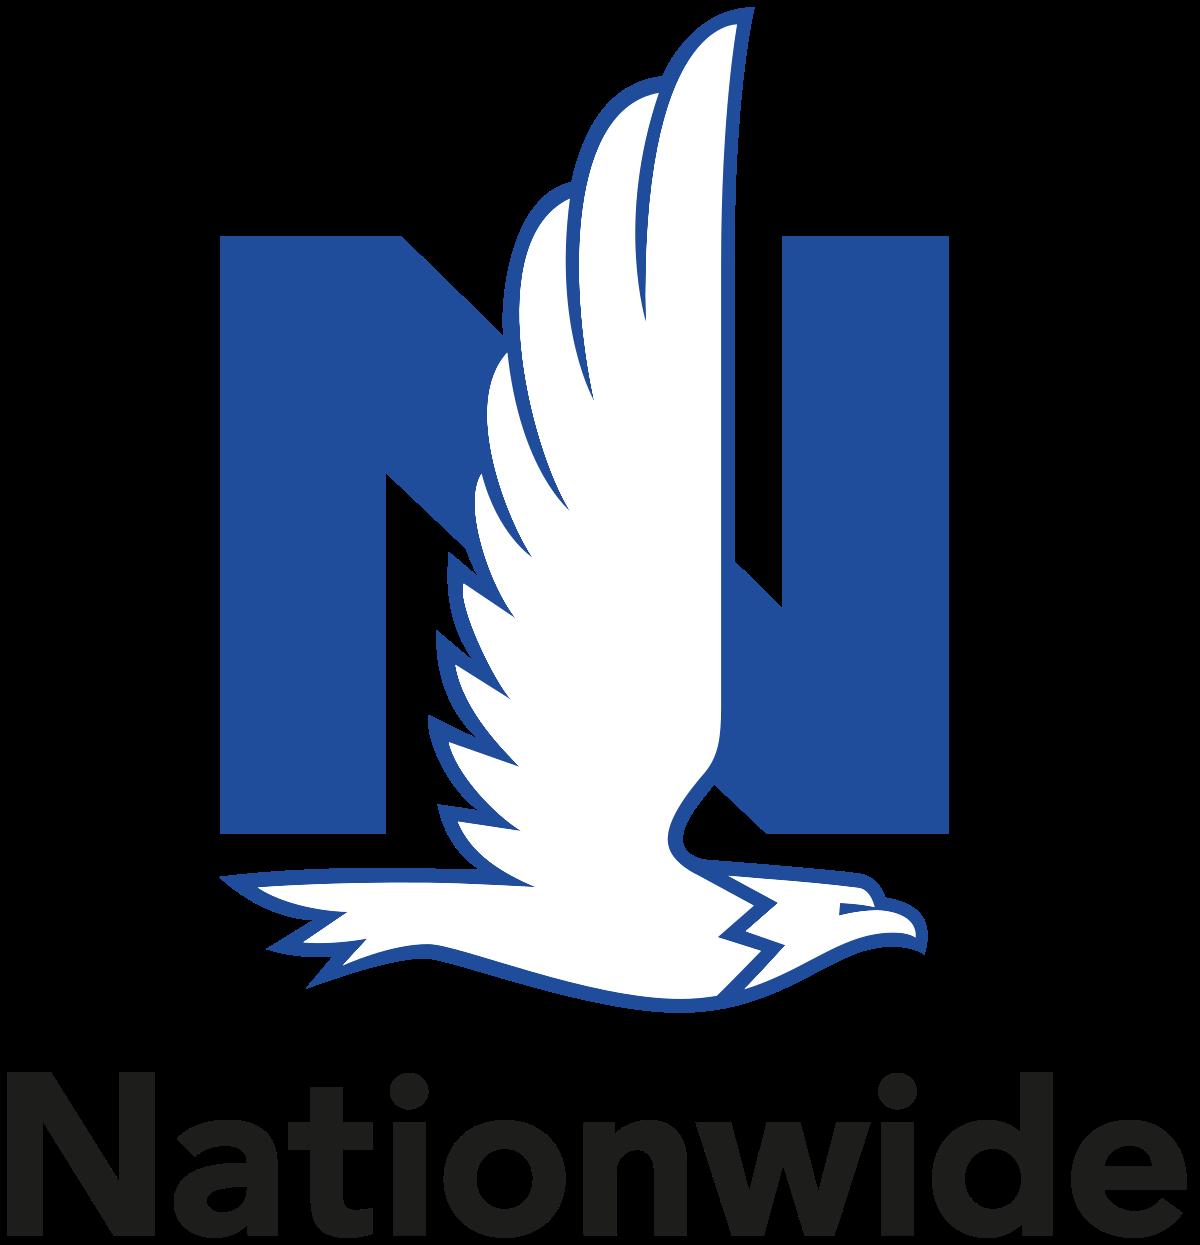 Nationwide Advisory logo